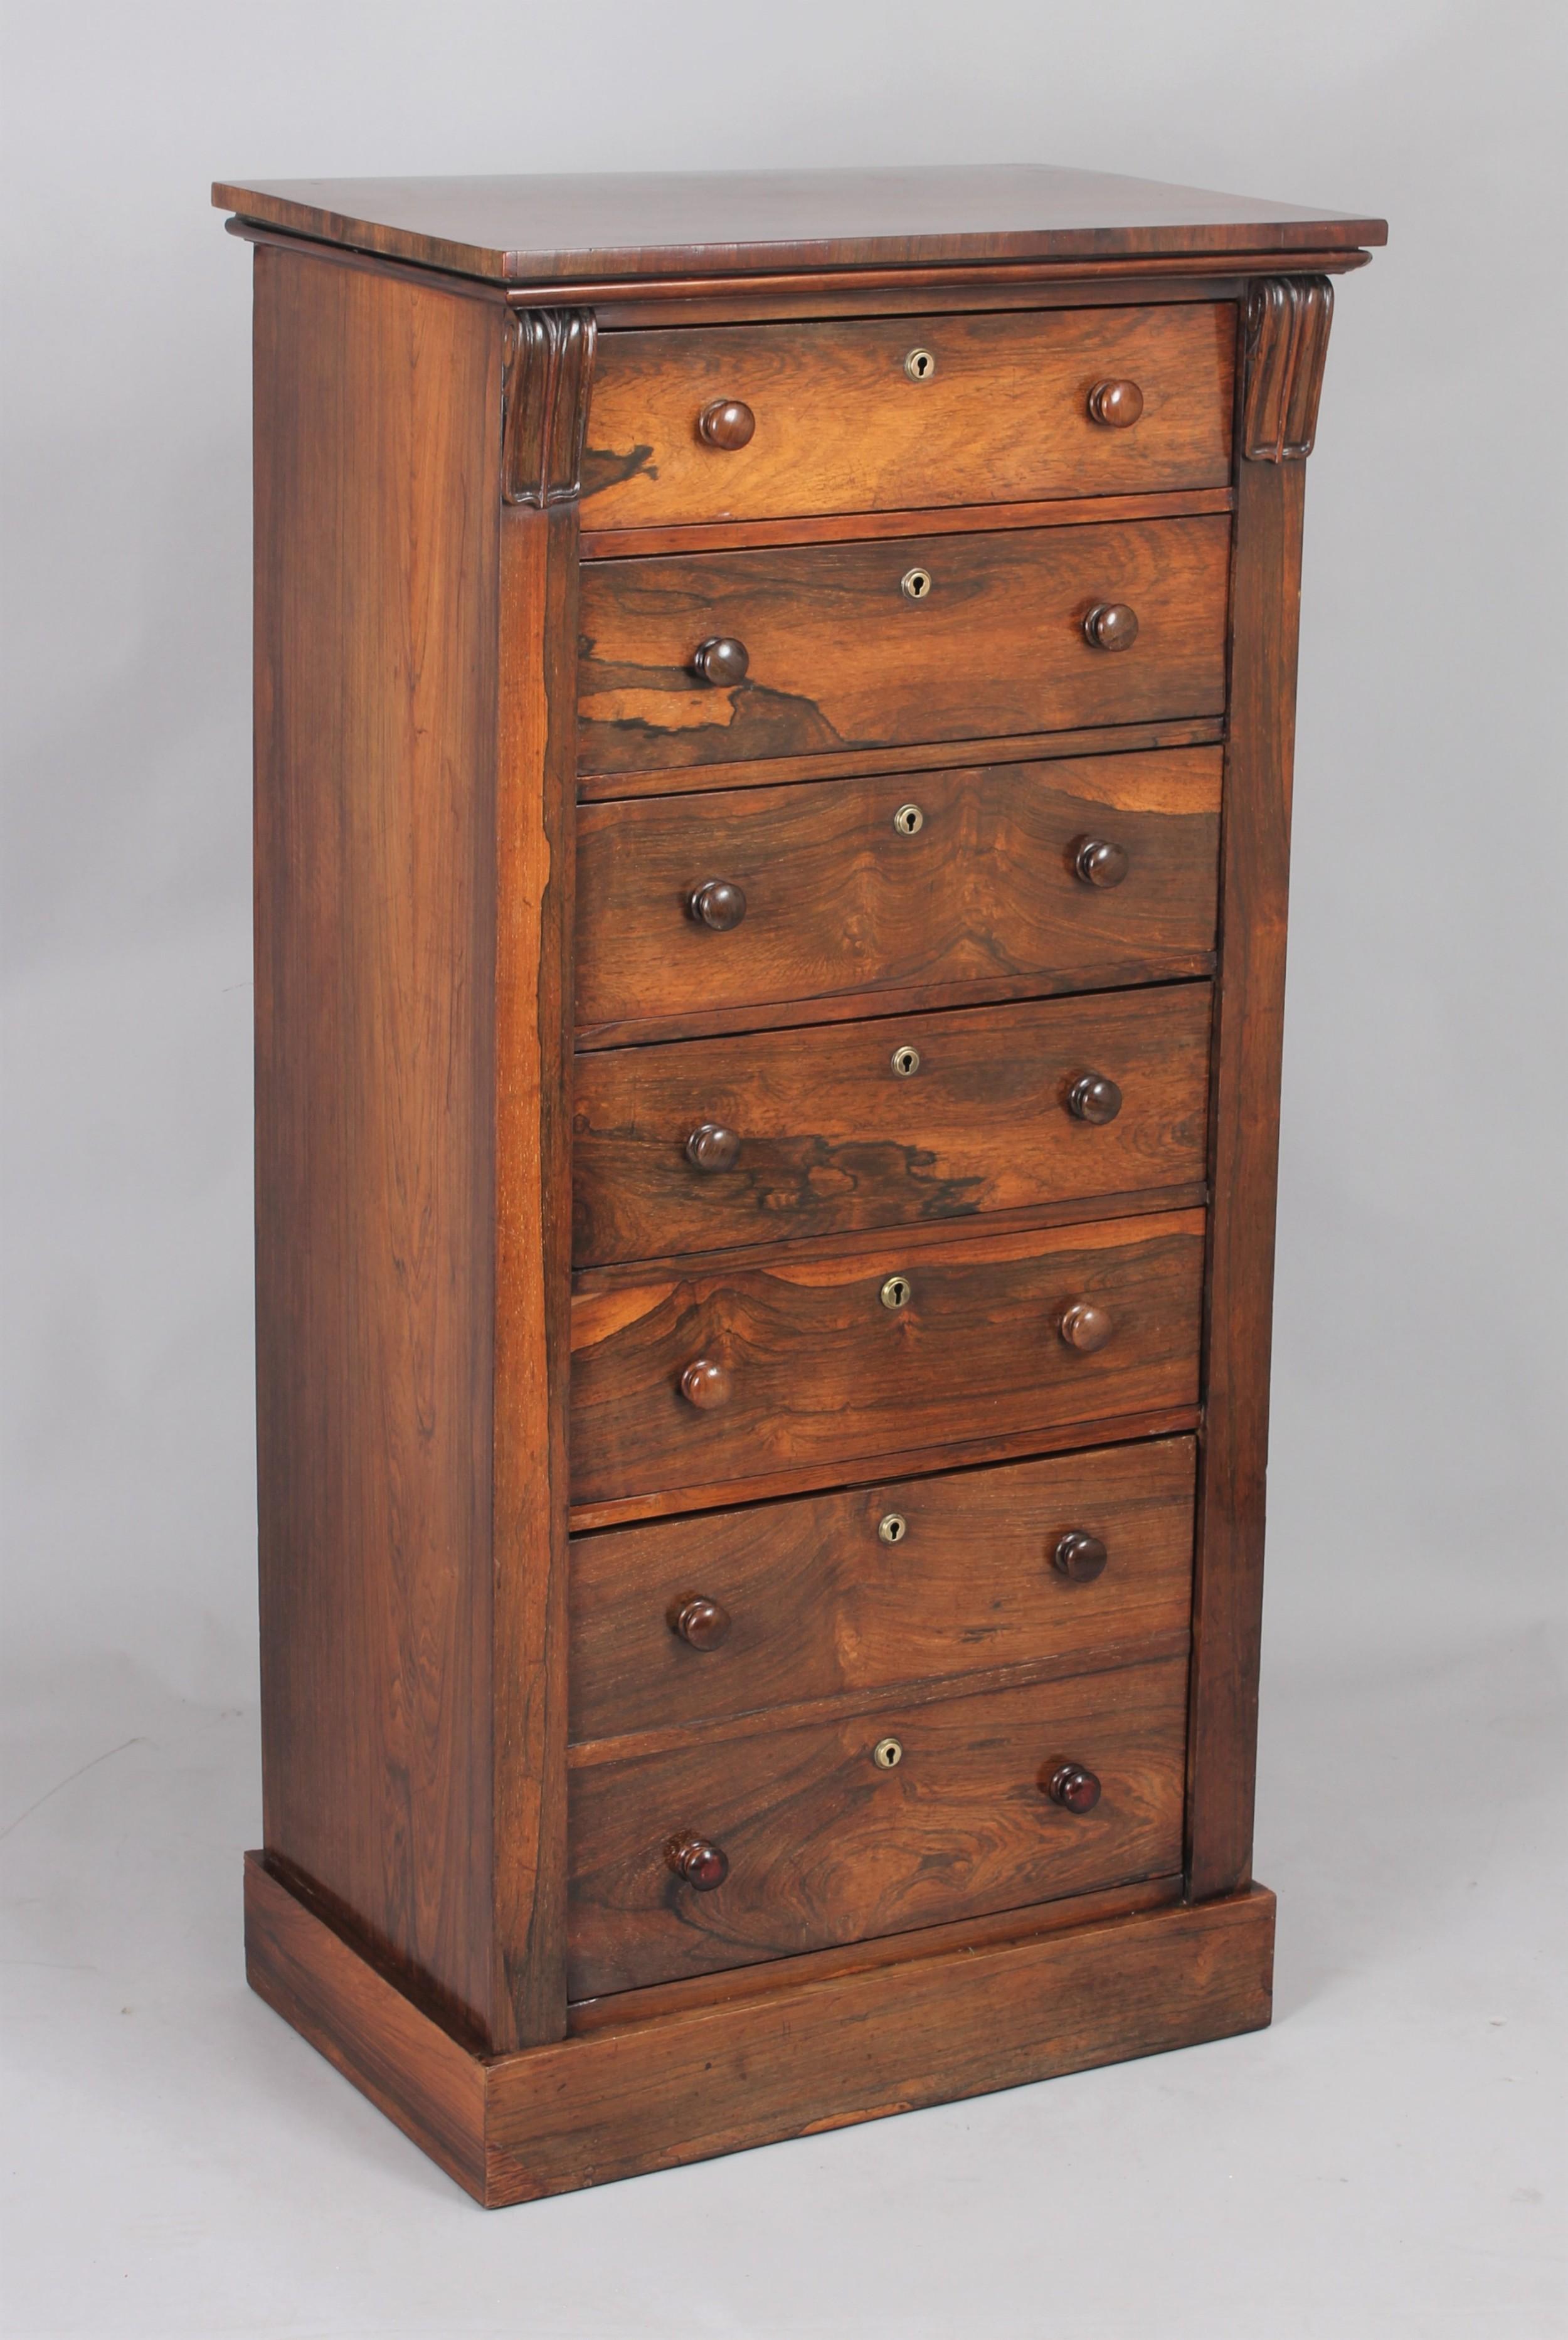 wellfigured and useful rosewood wellington chest